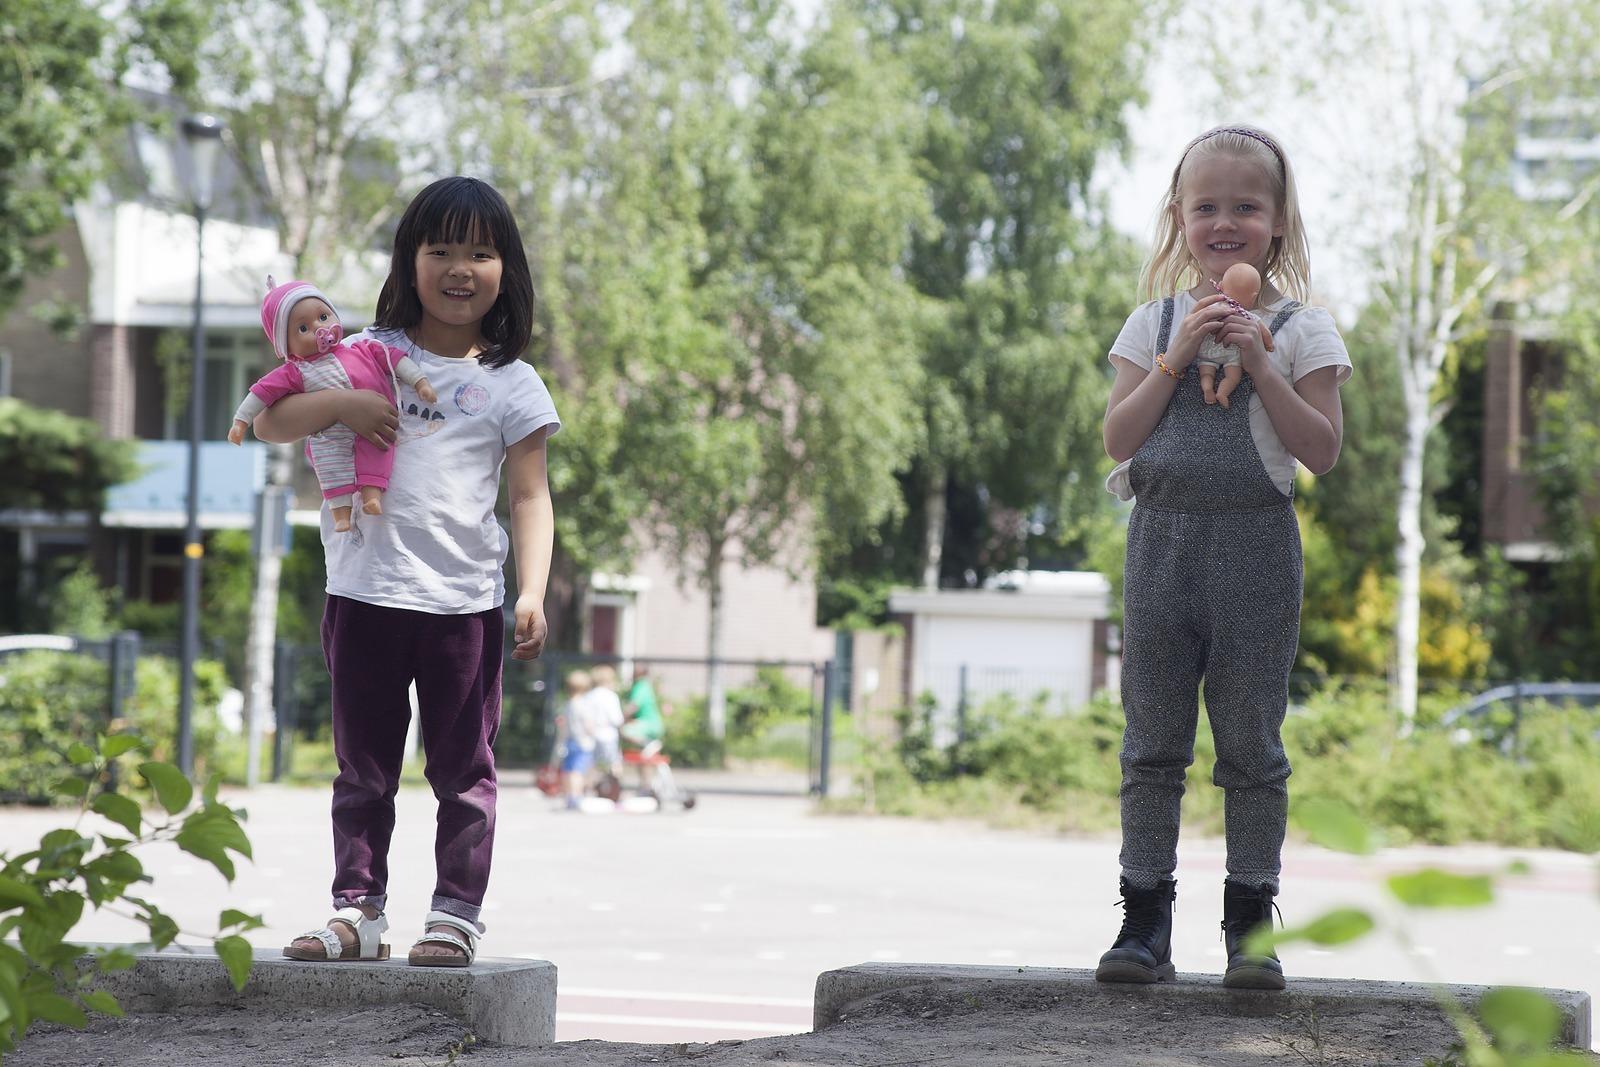 KinderRijk Buitenschoolse opvang haspelslaan amstelveen